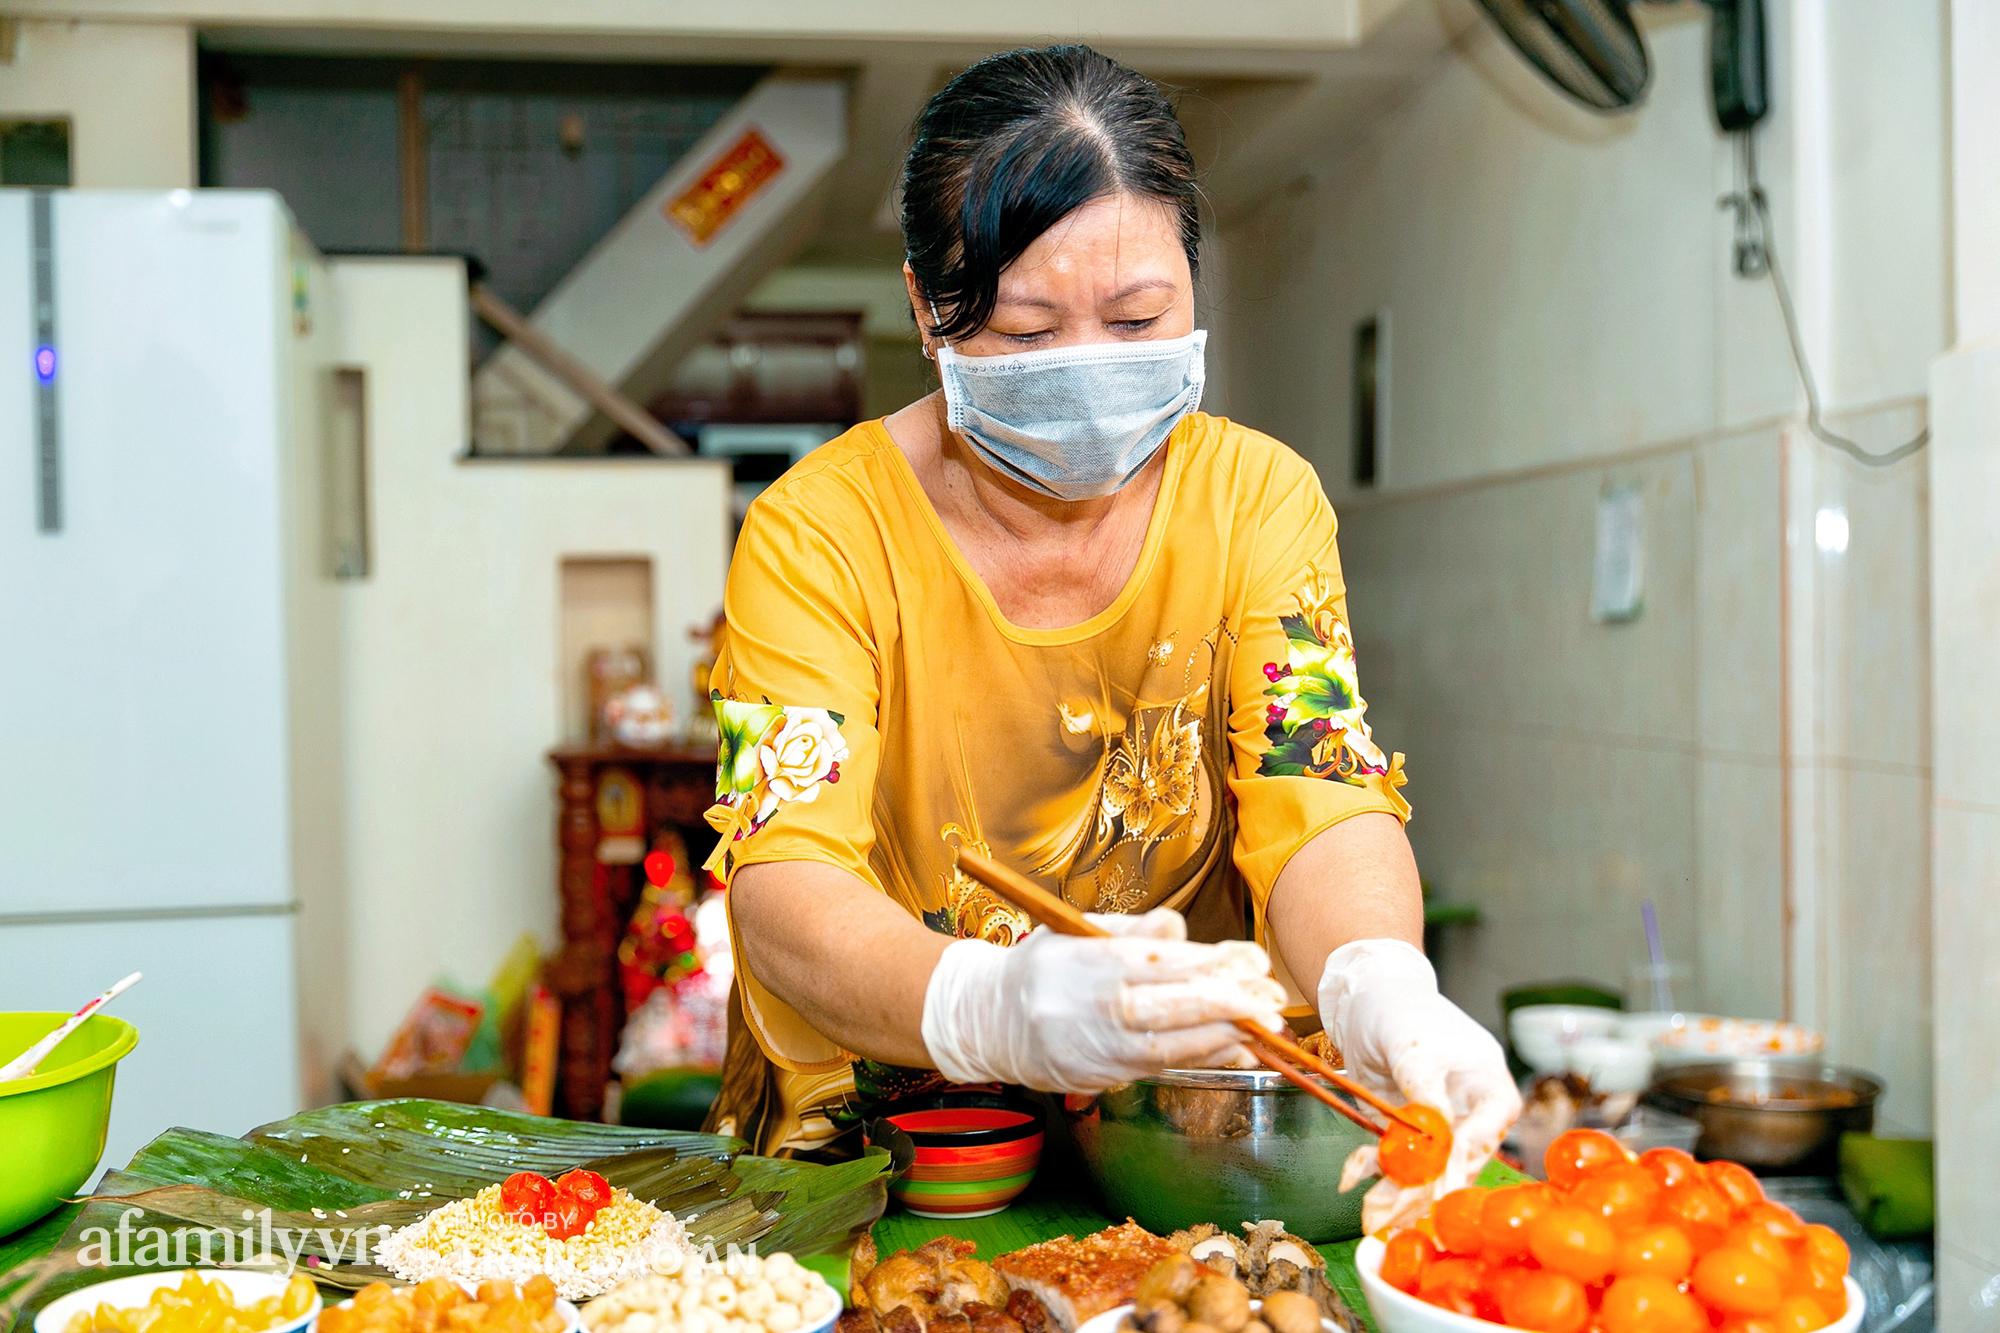 Tết Đoan Ngọ tại lò bánh Bá Trạng lâu đời nhất Sài Gòn, một cặp bánh có giá lên tới 1 triệu đồng với bào ngư, heo quay, sò điệp mà một năm chỉ được ăn duy nhất 1 lần! - Ảnh 5.